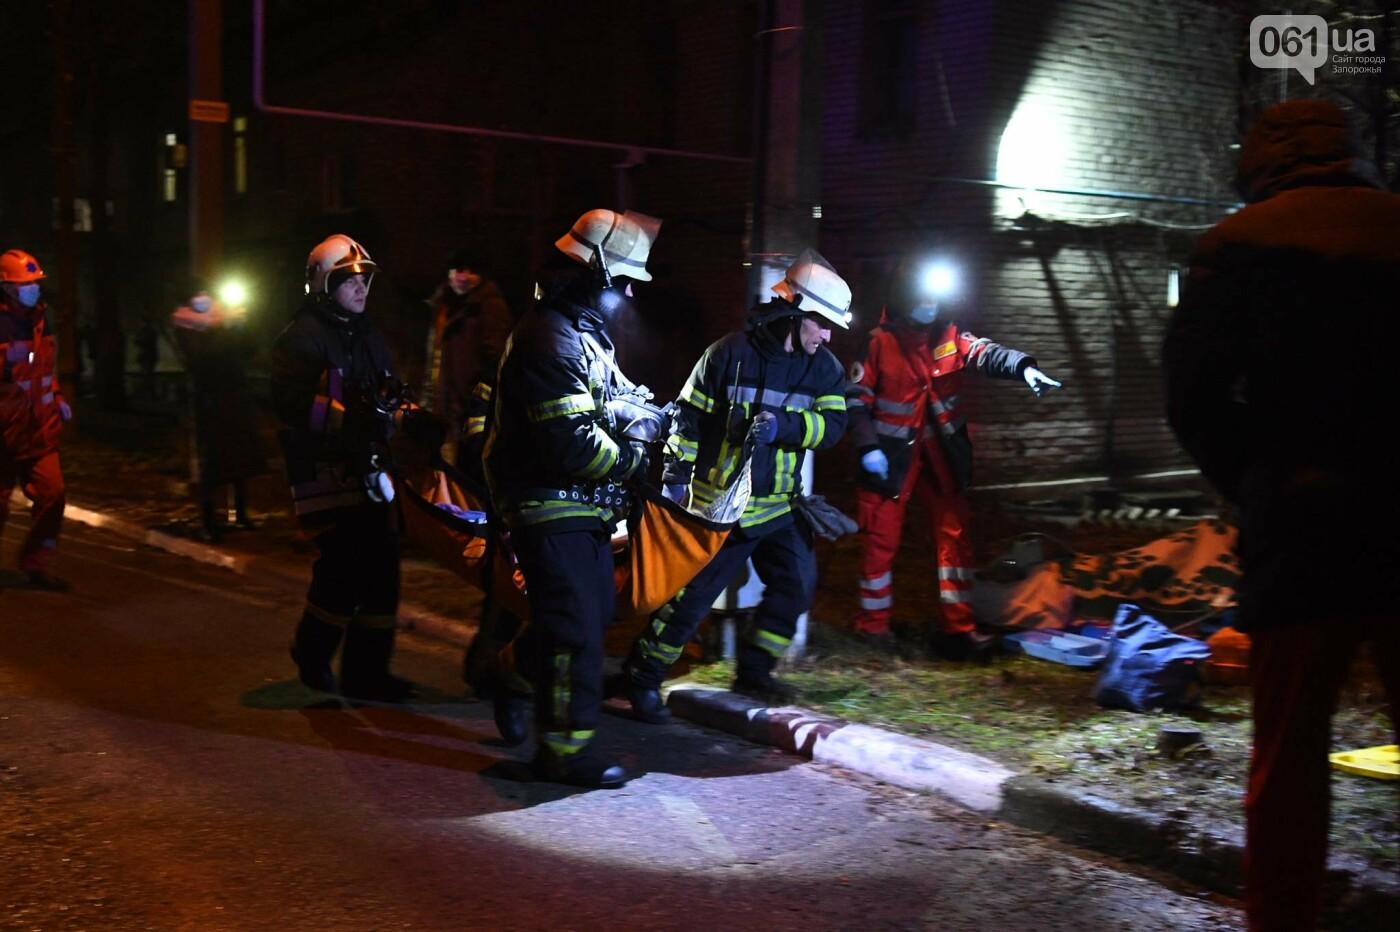 Пожар в Запорожской инфекционной больнице: все подробности происшествия, - ФОТОРЕПОРТАЖ , фото-1